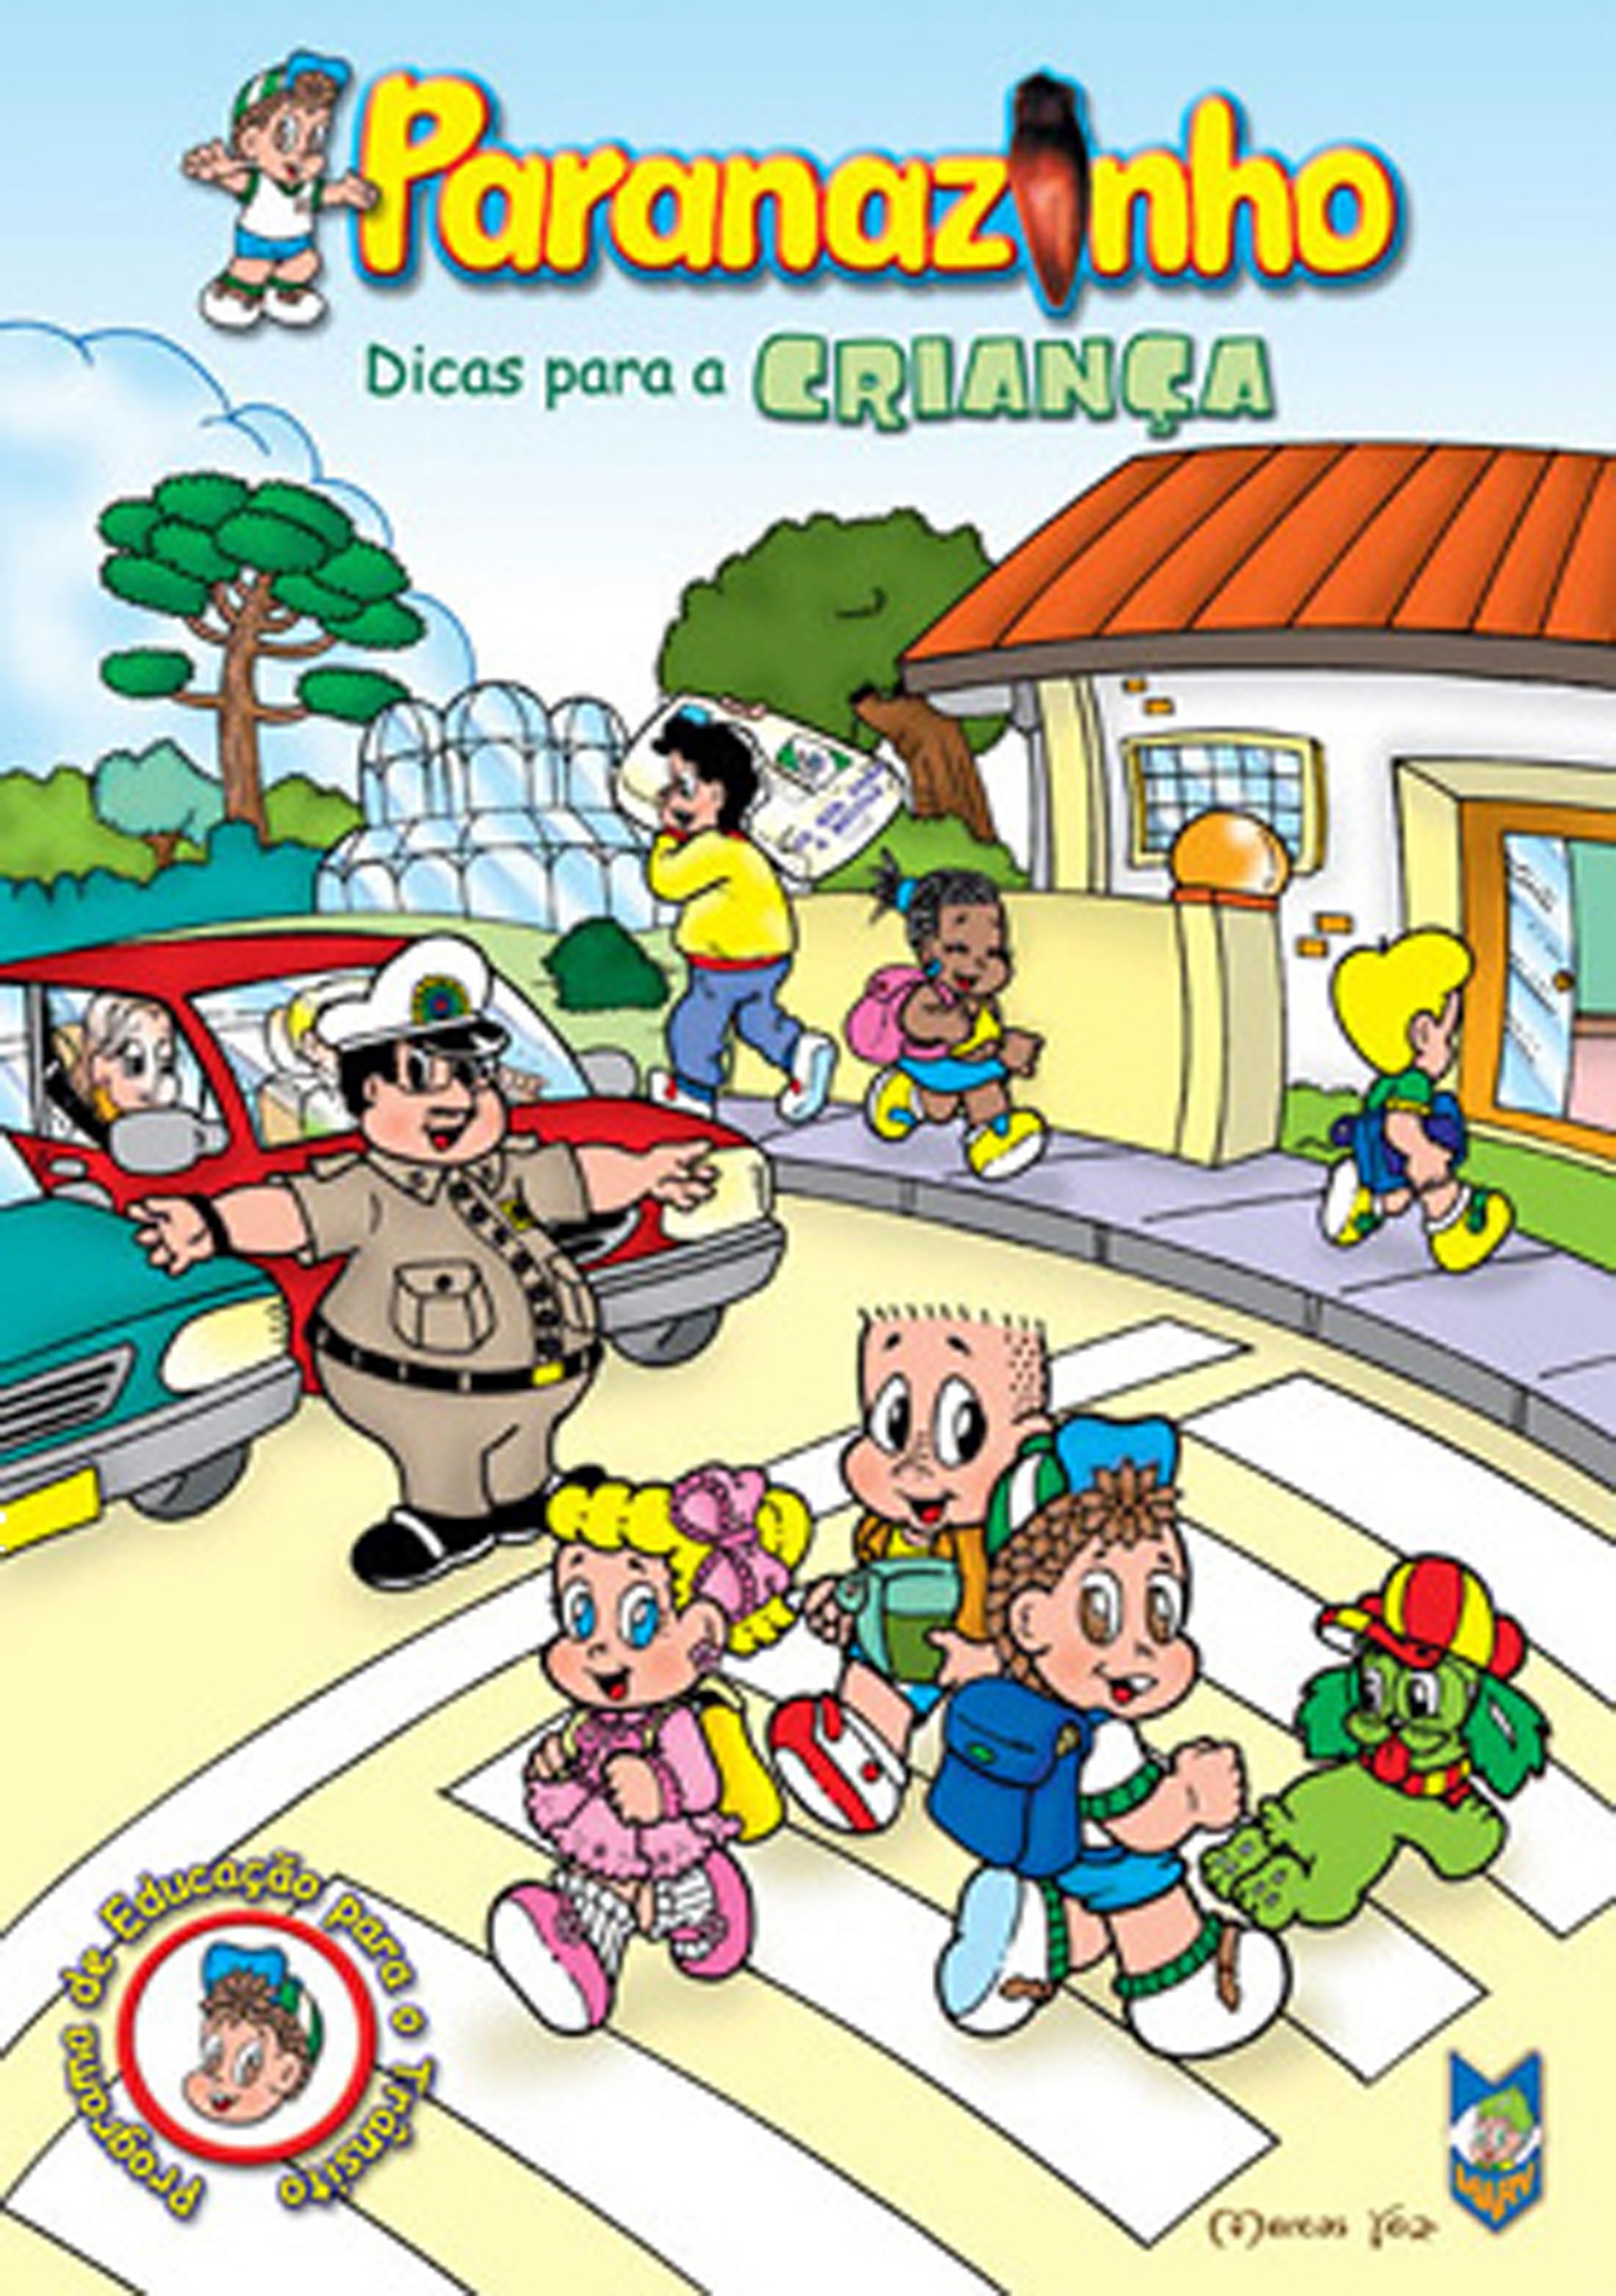 Paranazinho - Dicas para a Criança